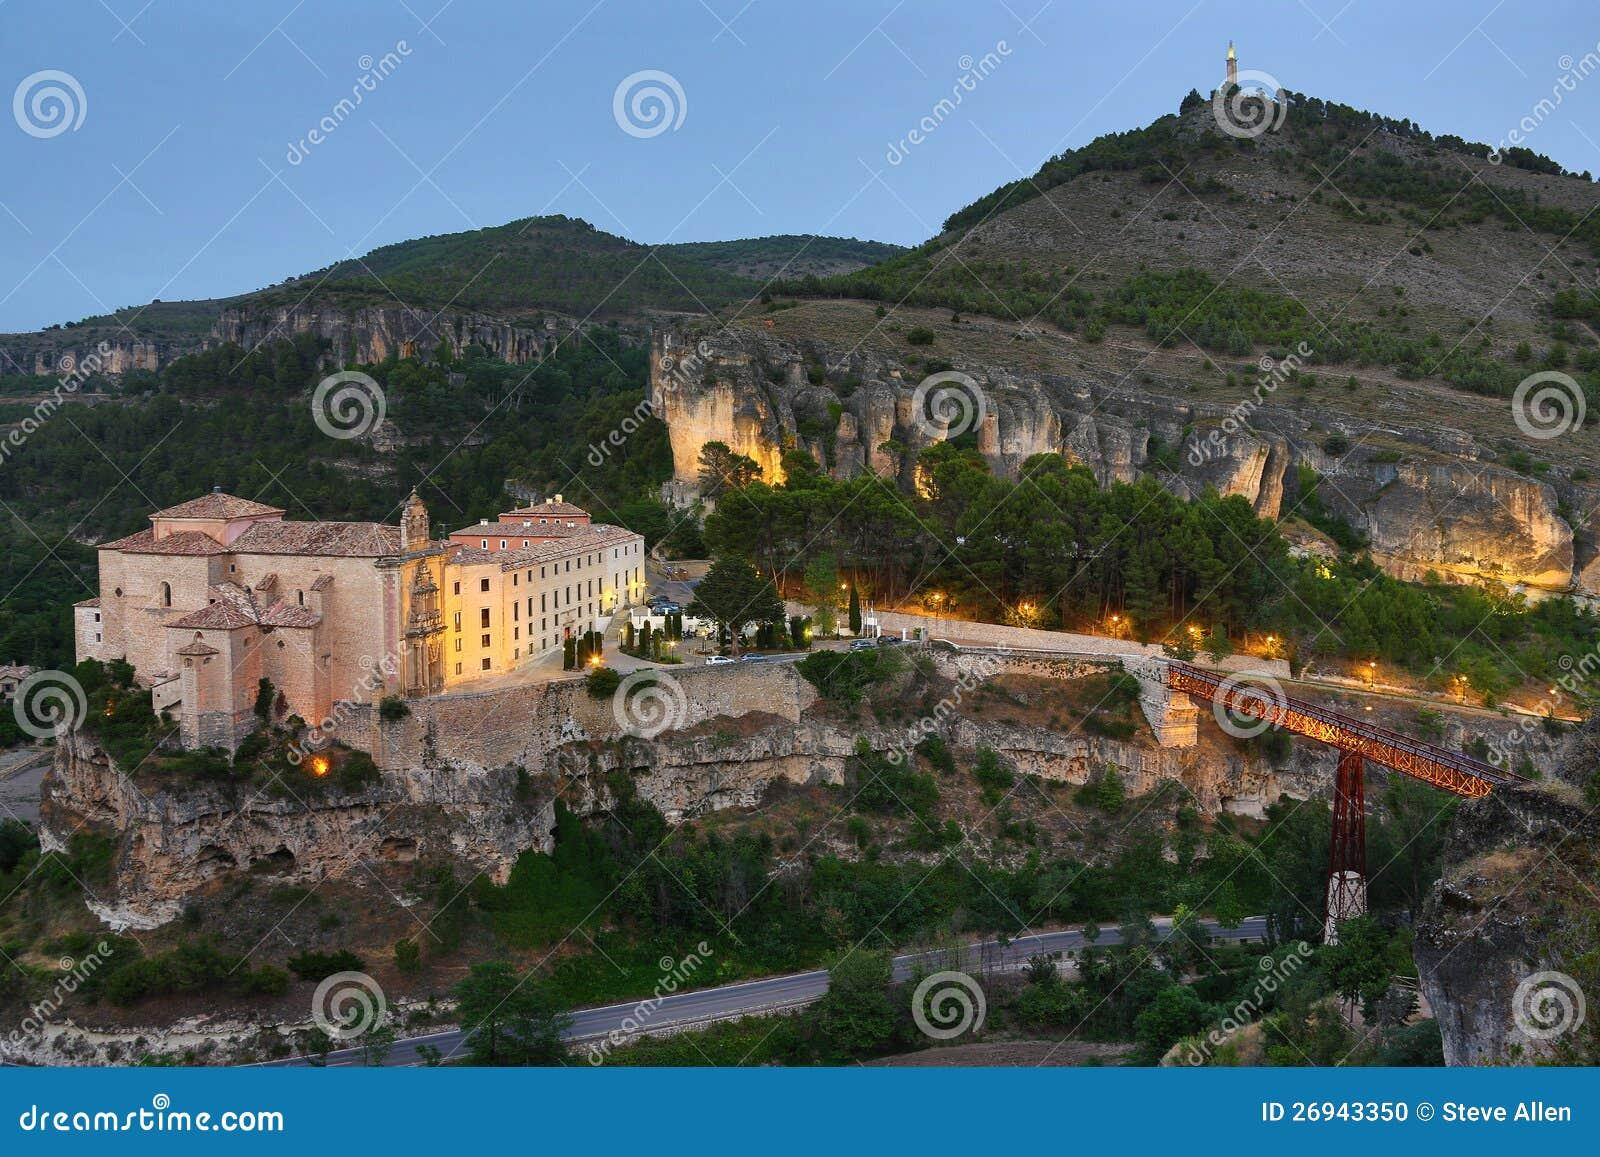 Скит - Cuenca - Испания